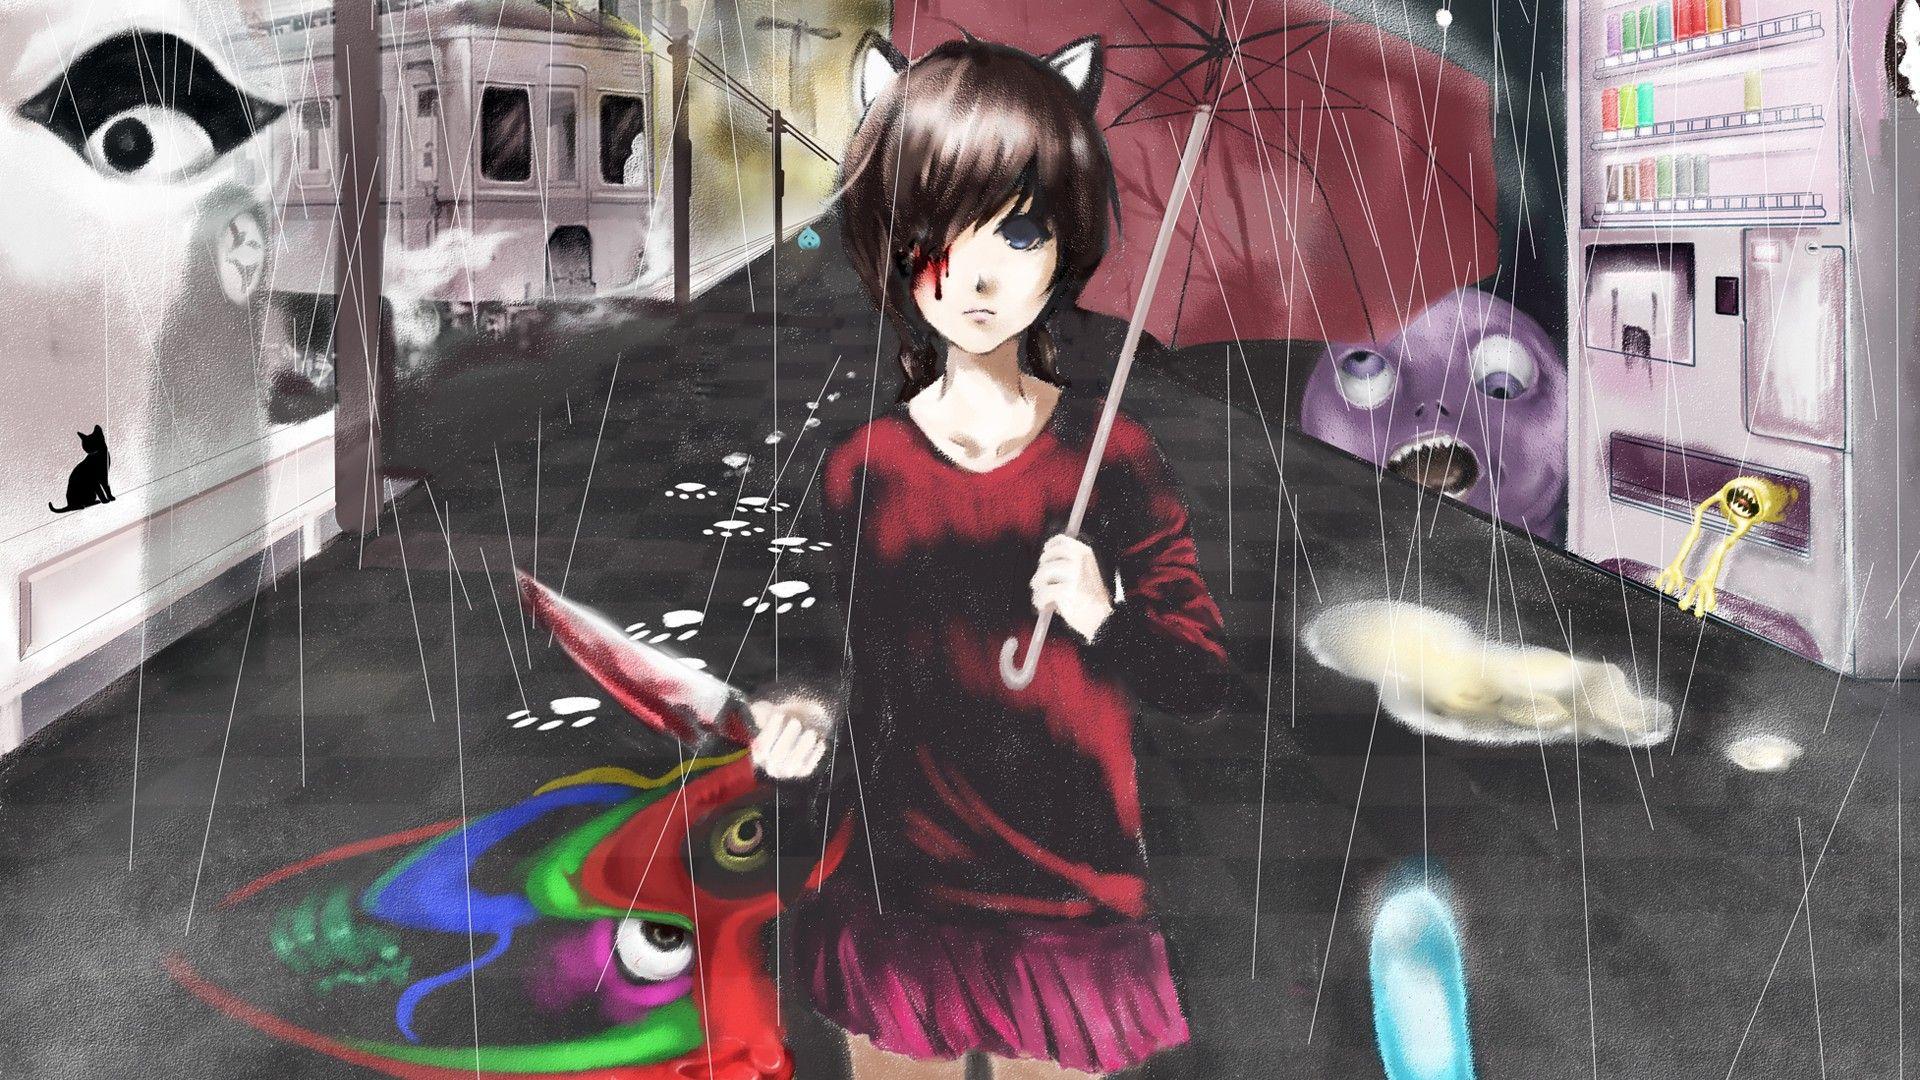 Madotsuki Yume Nikki Wallpaper 2926371 Wallbase Cc Animal Ears Anime Anime Images